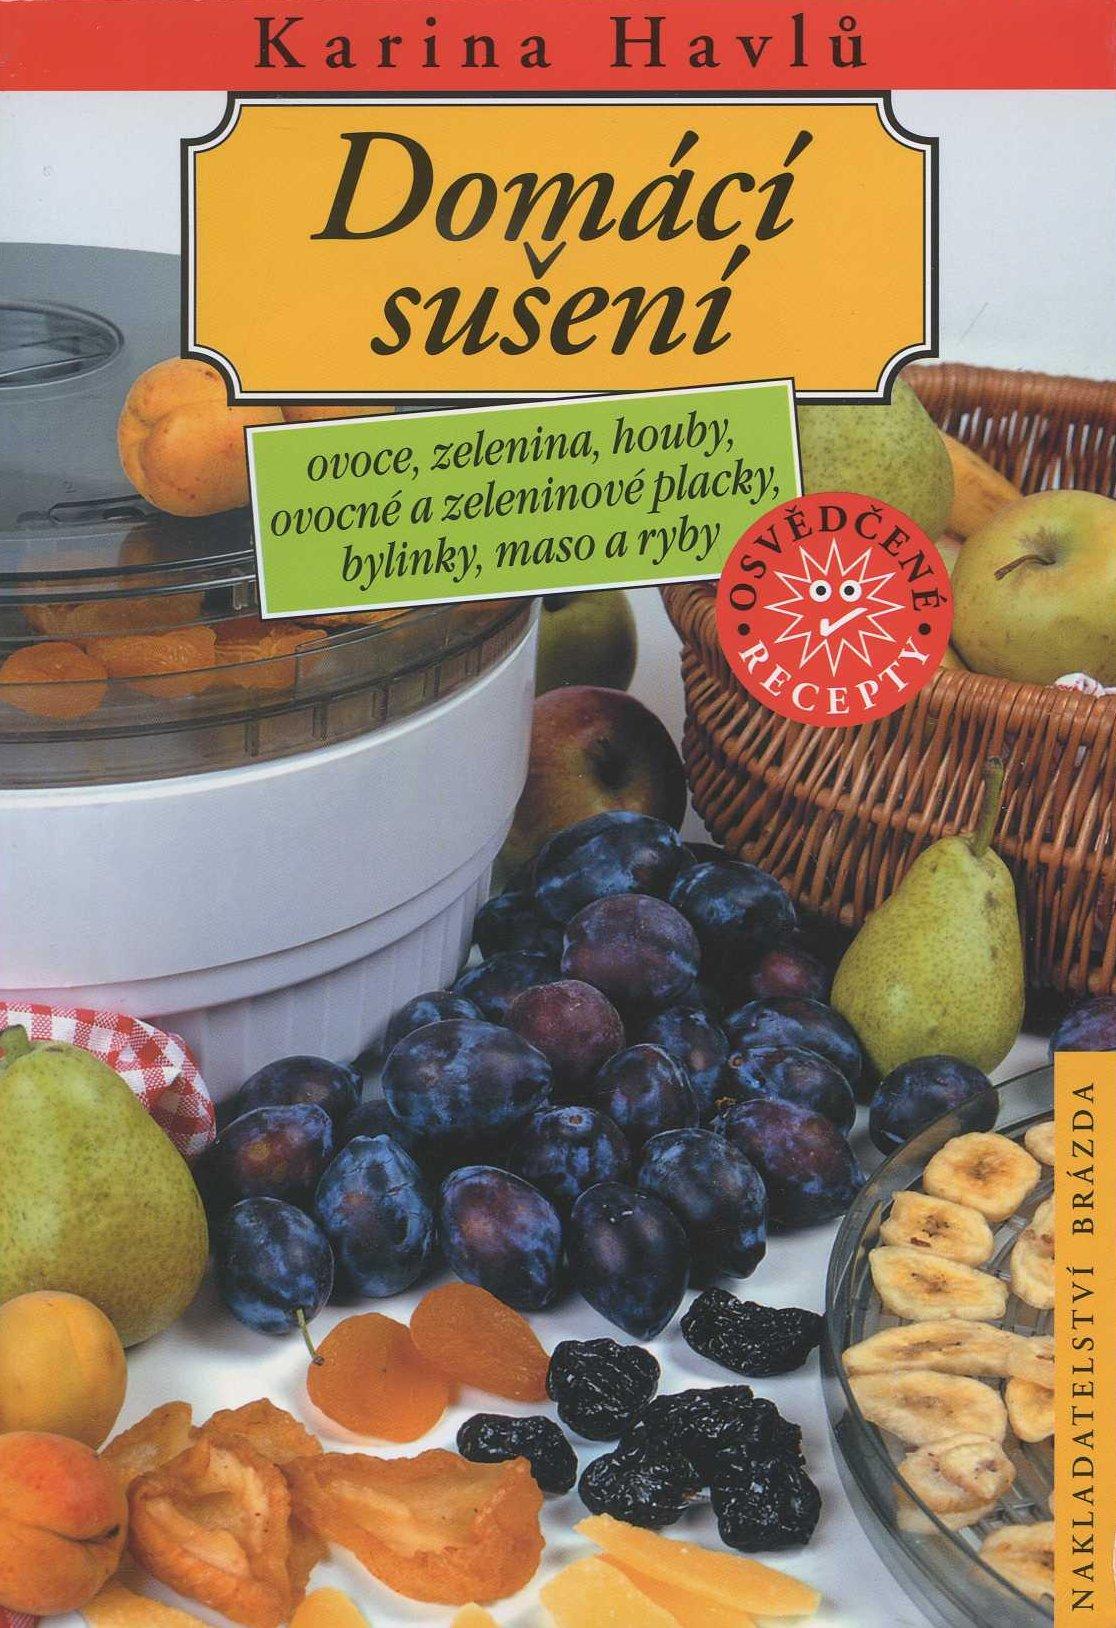 Domácí sušení - Ovoce, zelenina, houby, ovocné a zeleninové placky, bylinky, maso a ryby